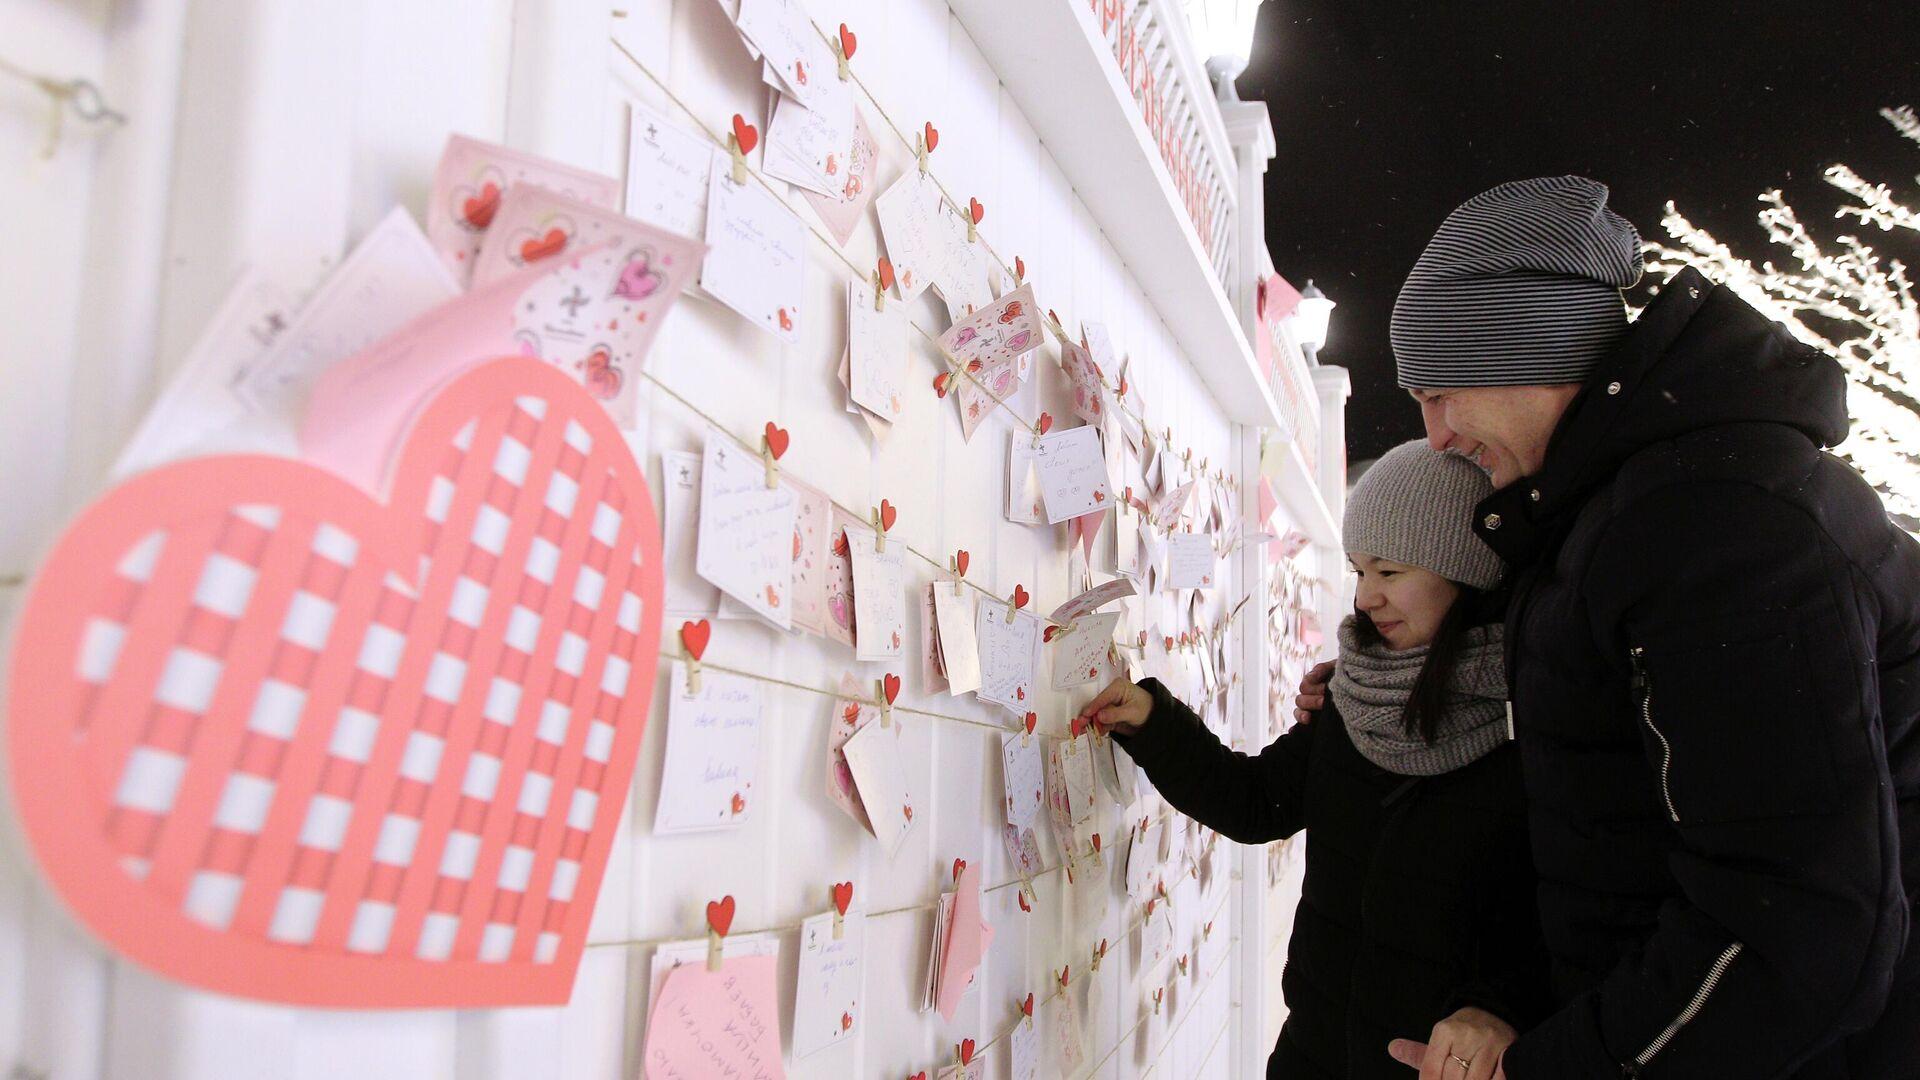 Молодые люди возле Стены признаний на Кремлевской набережной, где открыли Аллею влюбленных в городе Казань - РИА Новости, 1920, 13.02.2021